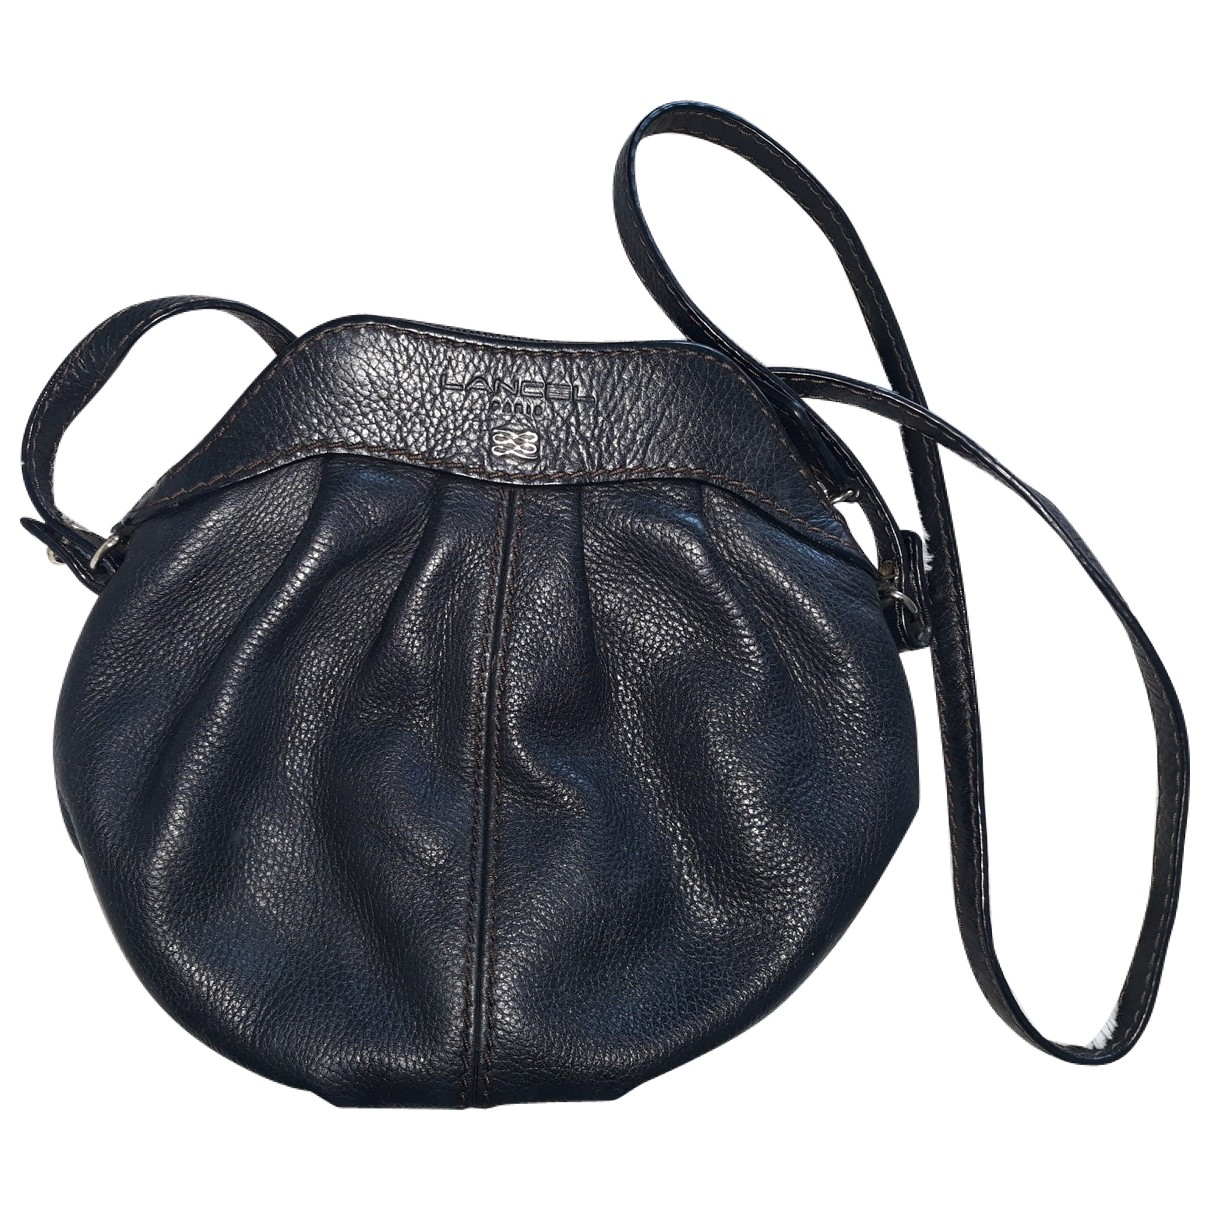 Lancel \N Black Leather Clutch bag for Women \N